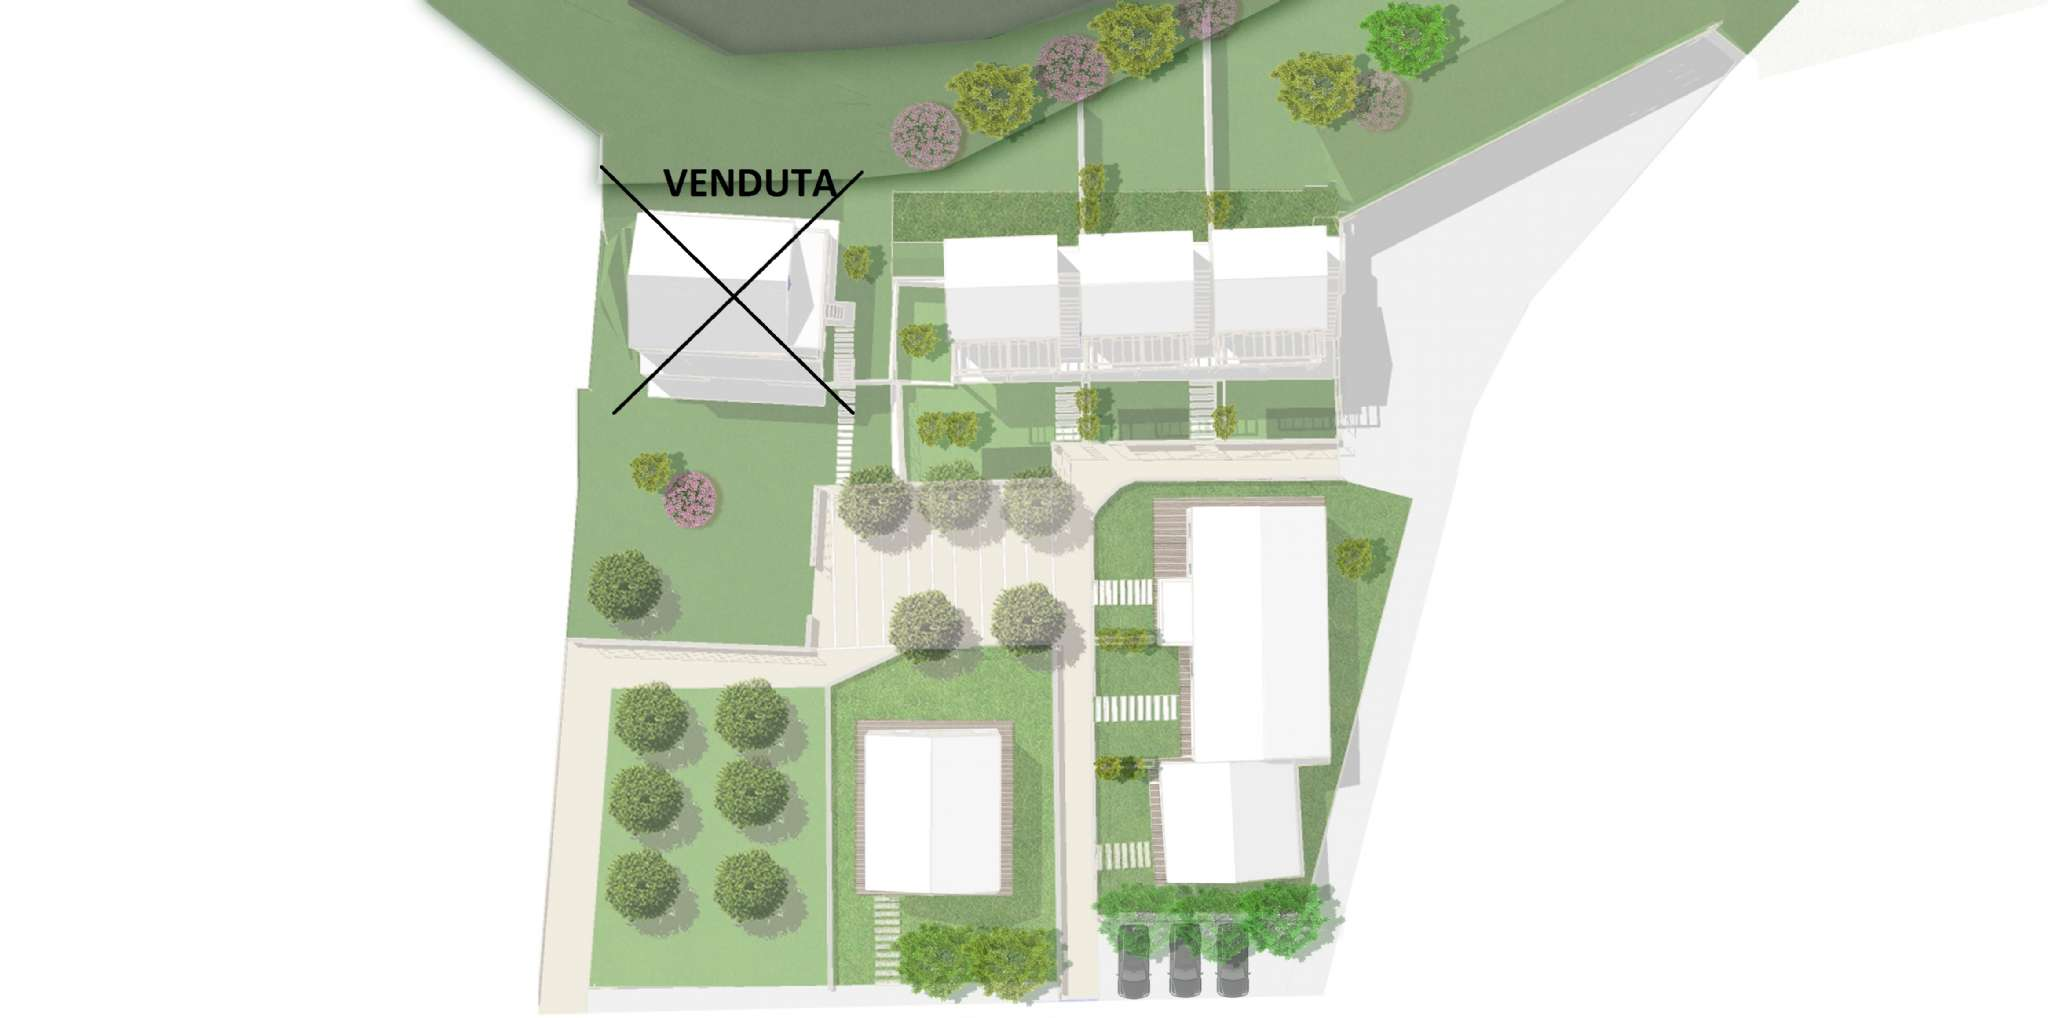 Terreno edificabile monolocale in vendita a Sarzana (SP)